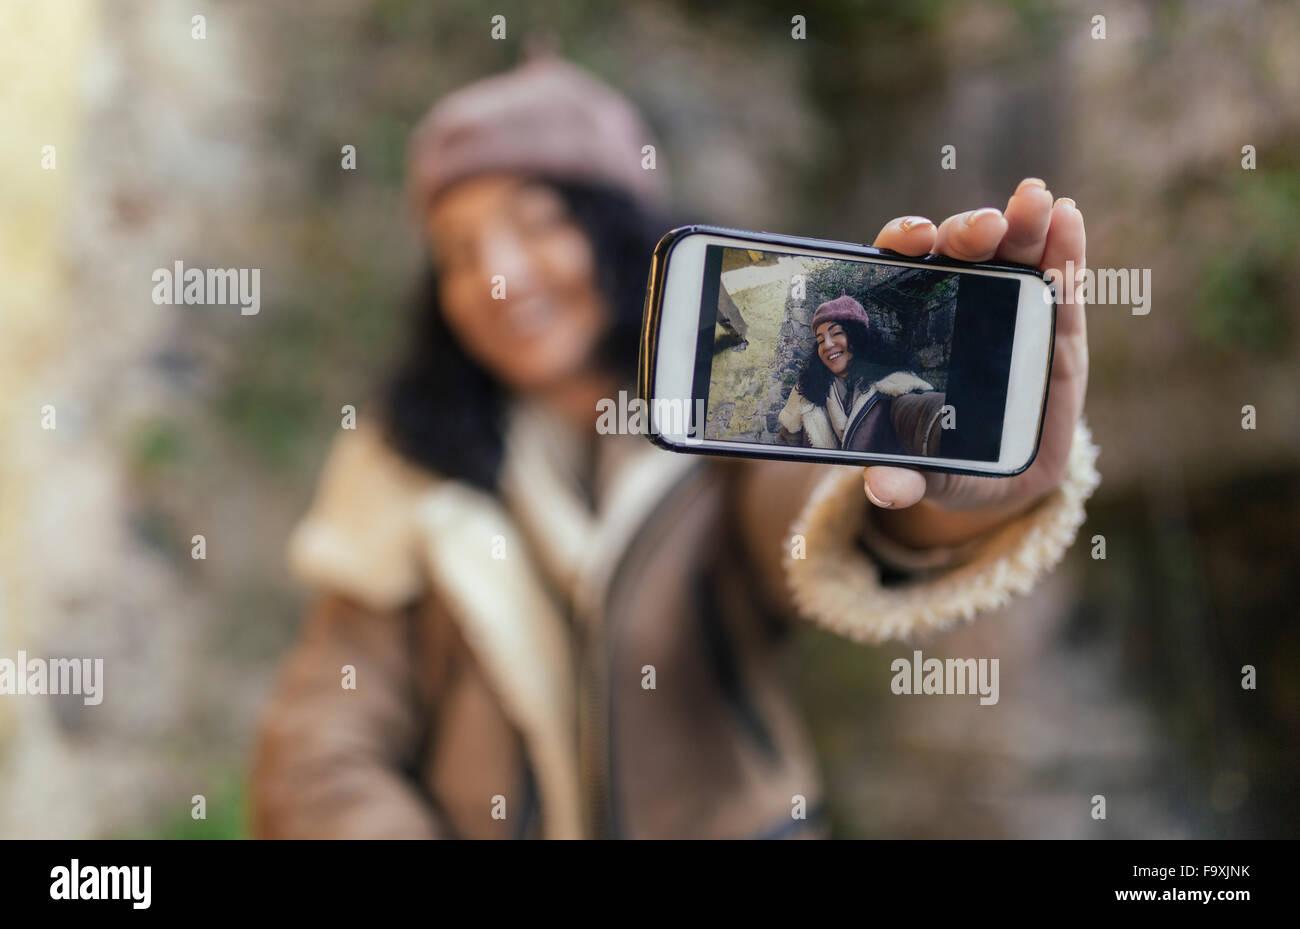 Selfie di donna sorridente sul display dello smartphone Immagini Stock